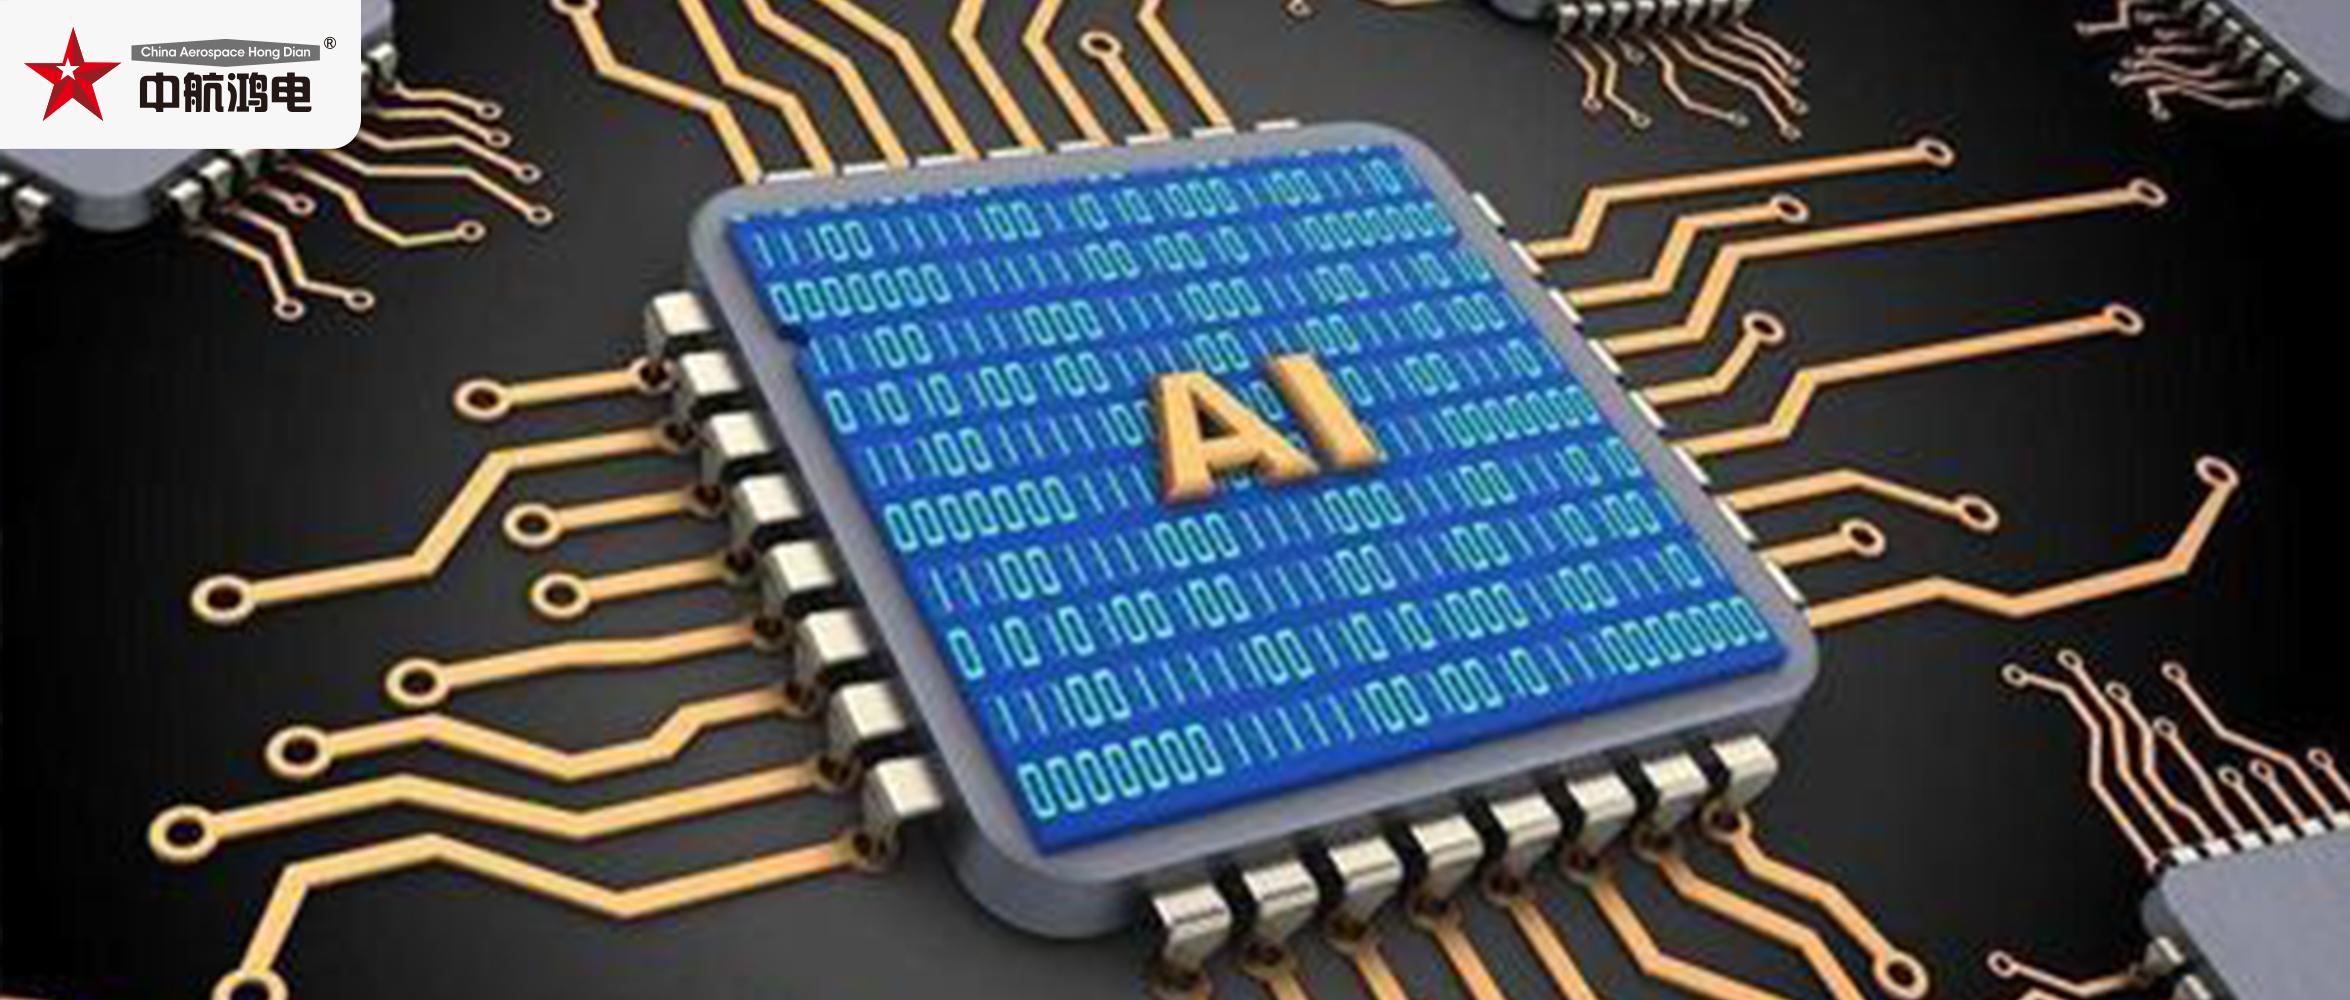 乱战中的AI芯片,创新与隐患谁更突出?